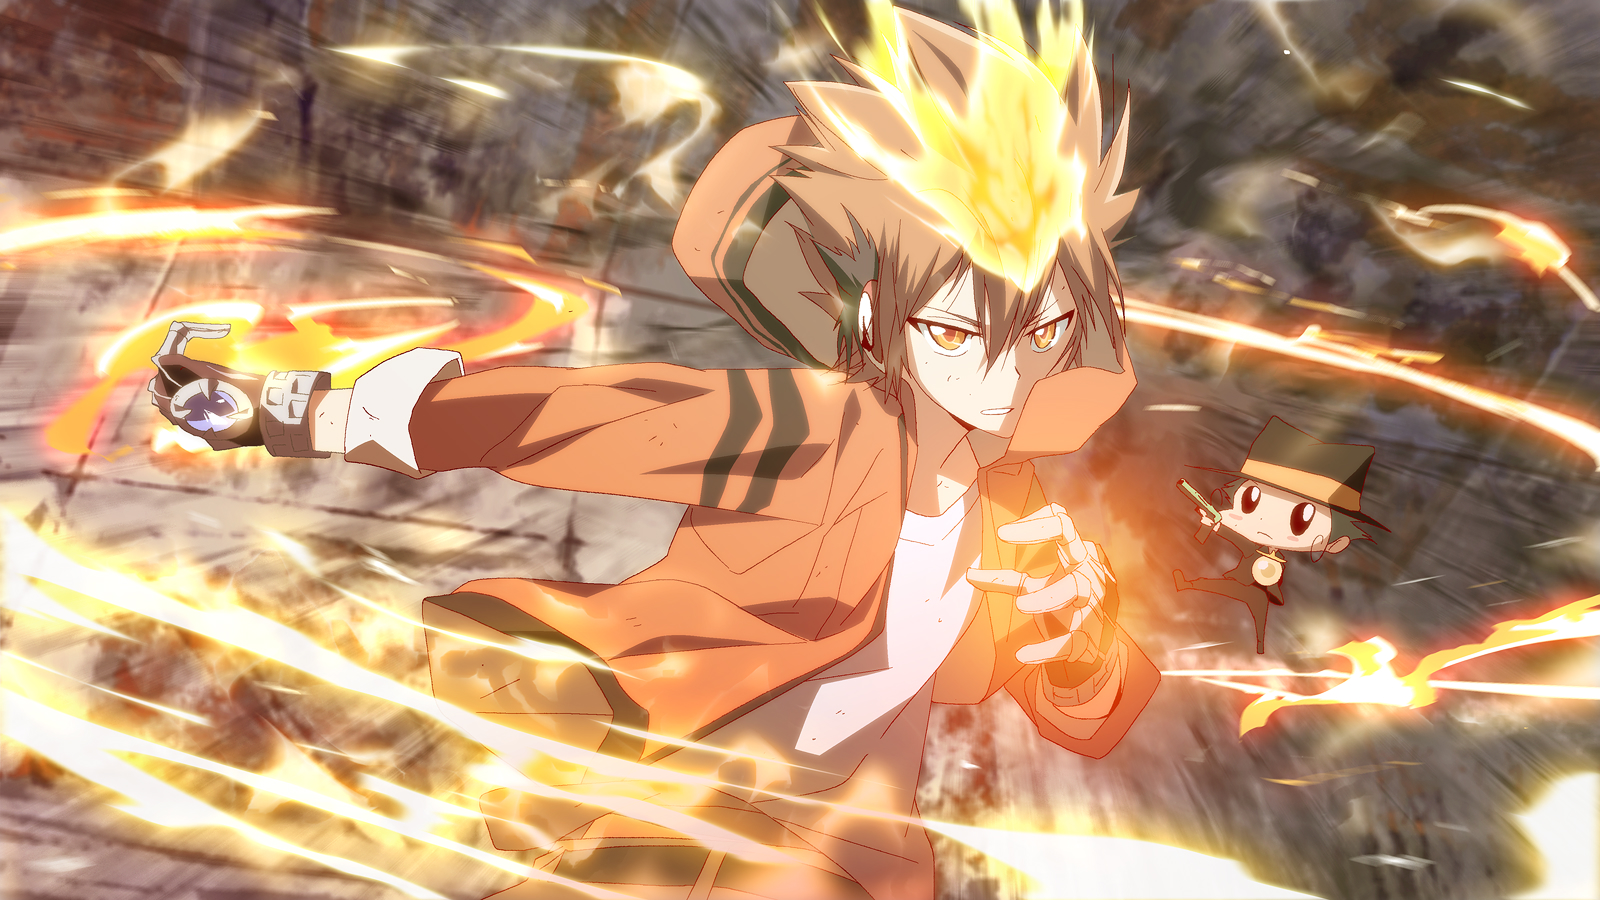 Katekyo Hitman Reborn Wallpaper 1140012 Zerochan Anime Image Board